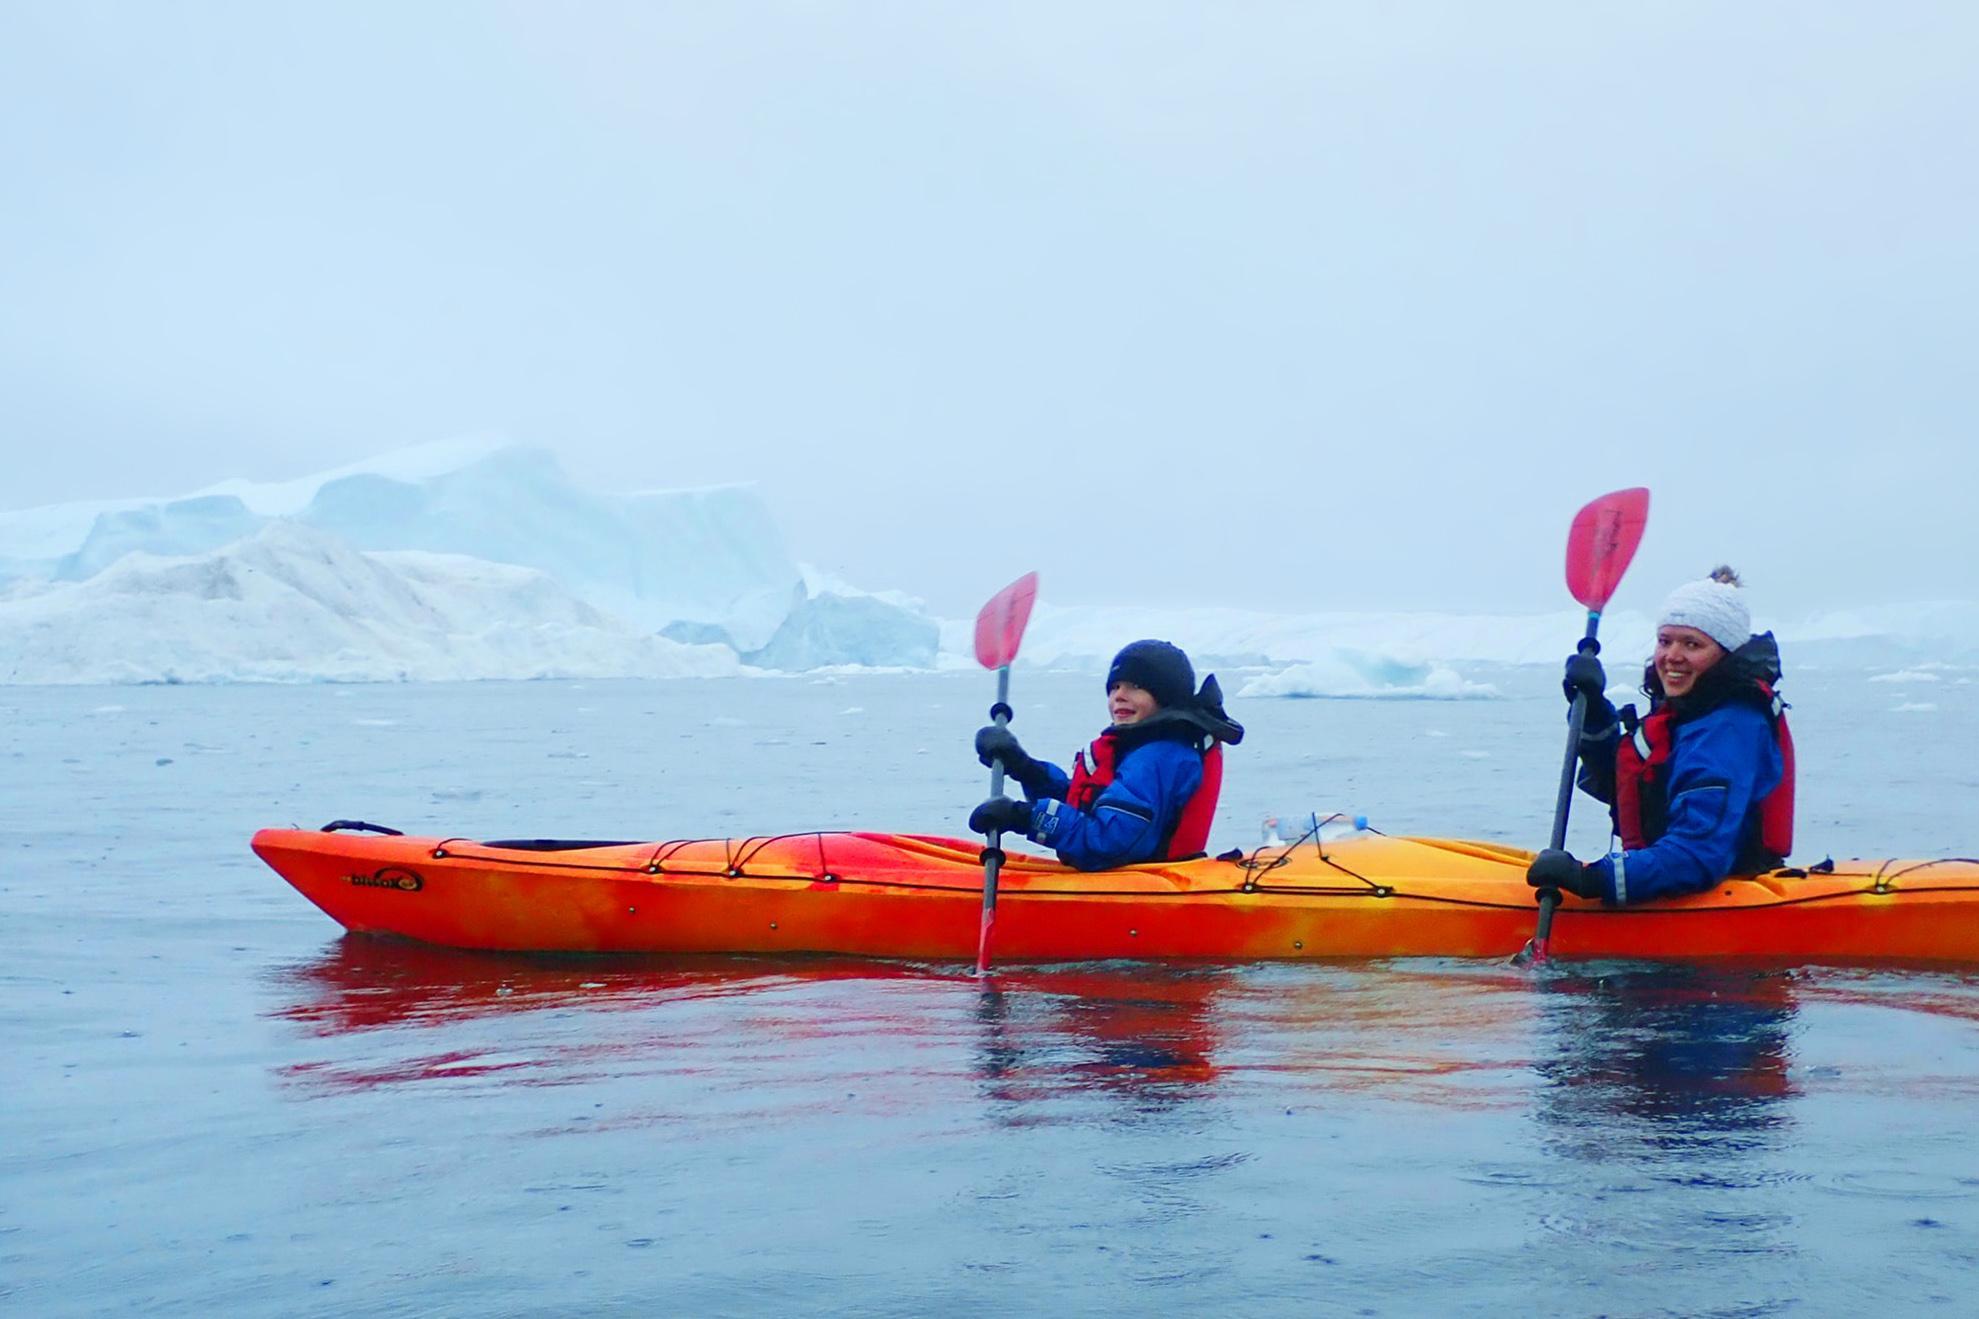 Family kayaking between icebergs in Greenland. Photo by Jurga Rubinovaite.